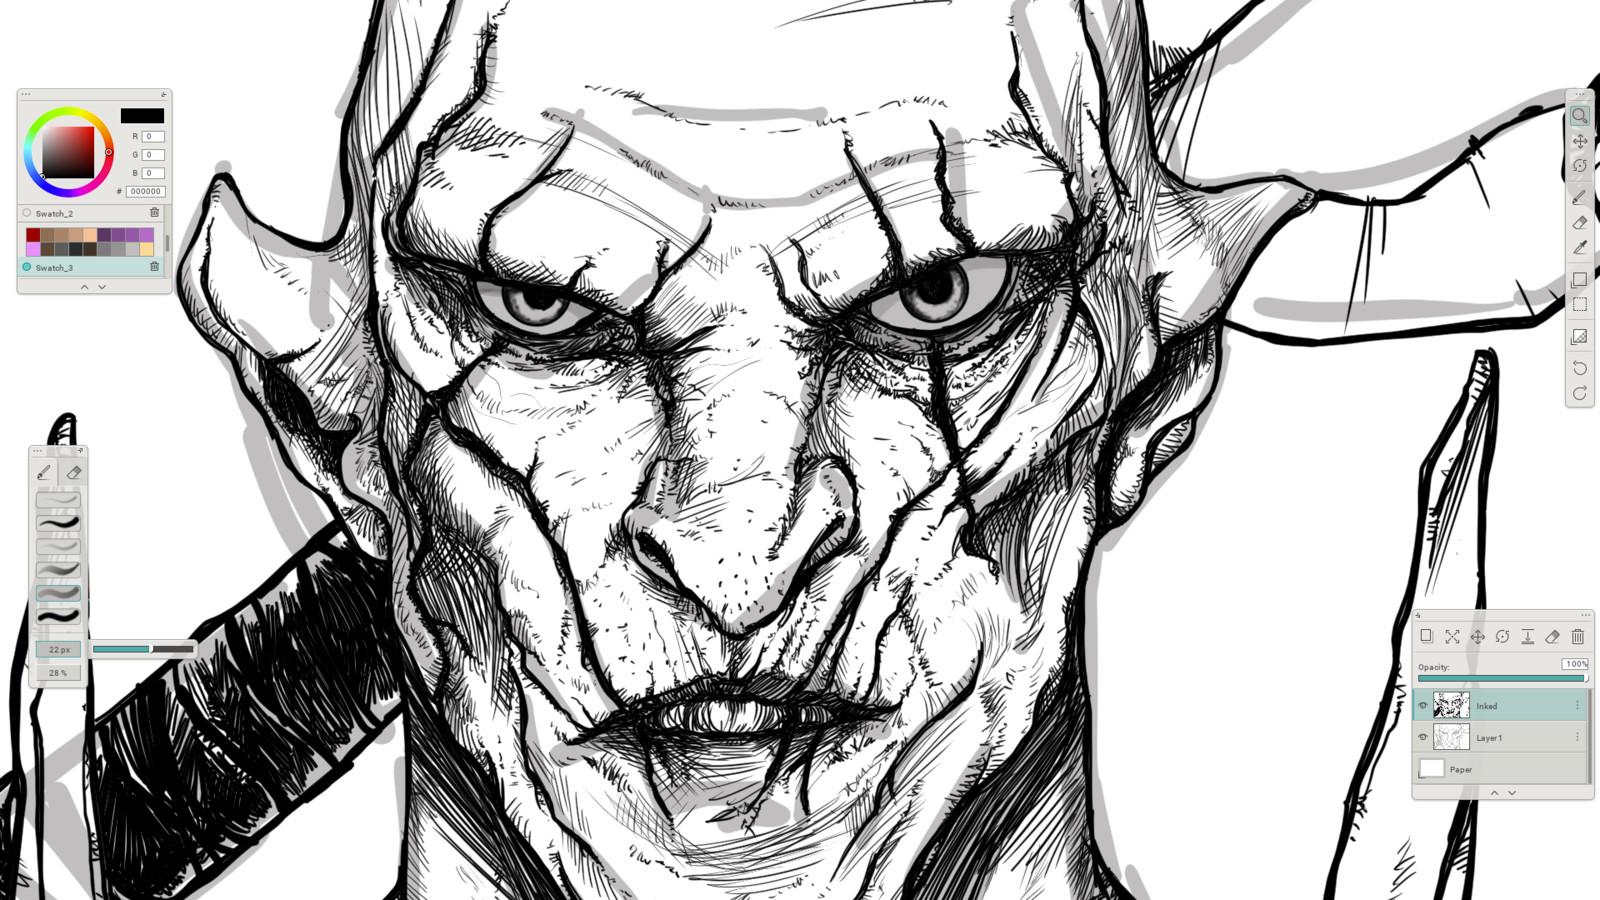 04 - Final face details